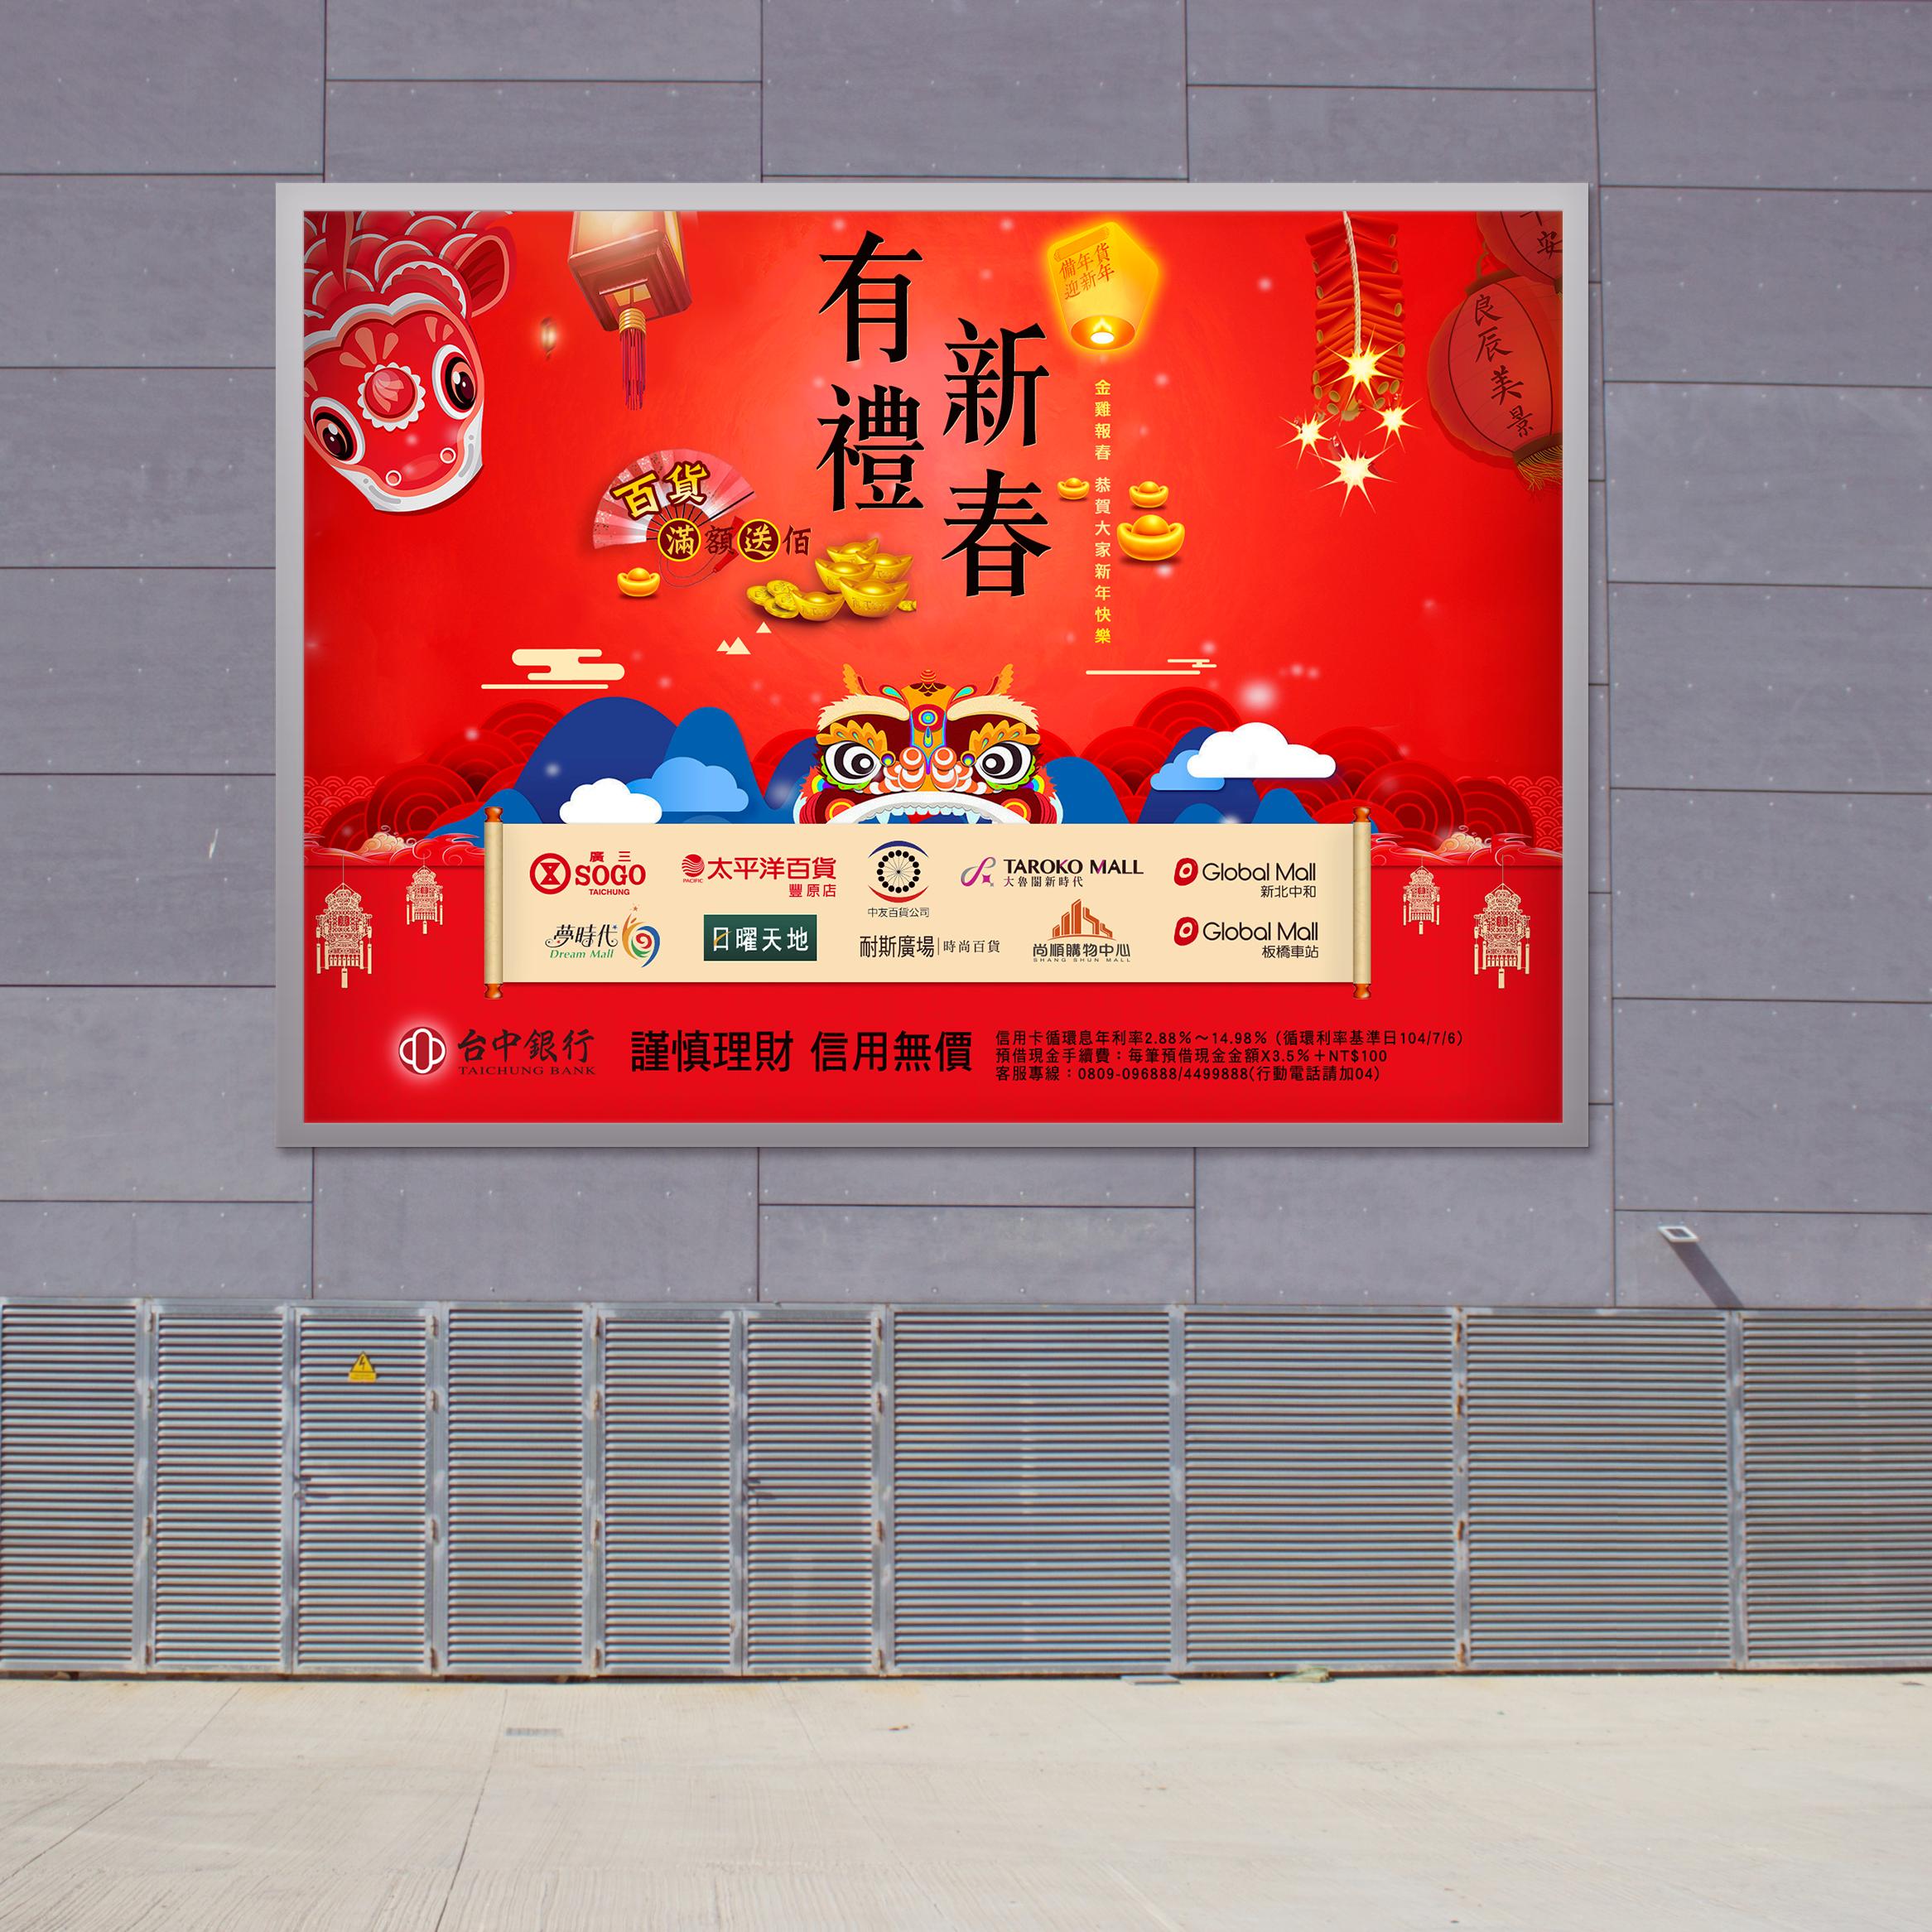 台中銀行新春有禮活動視覺文宣海報設計